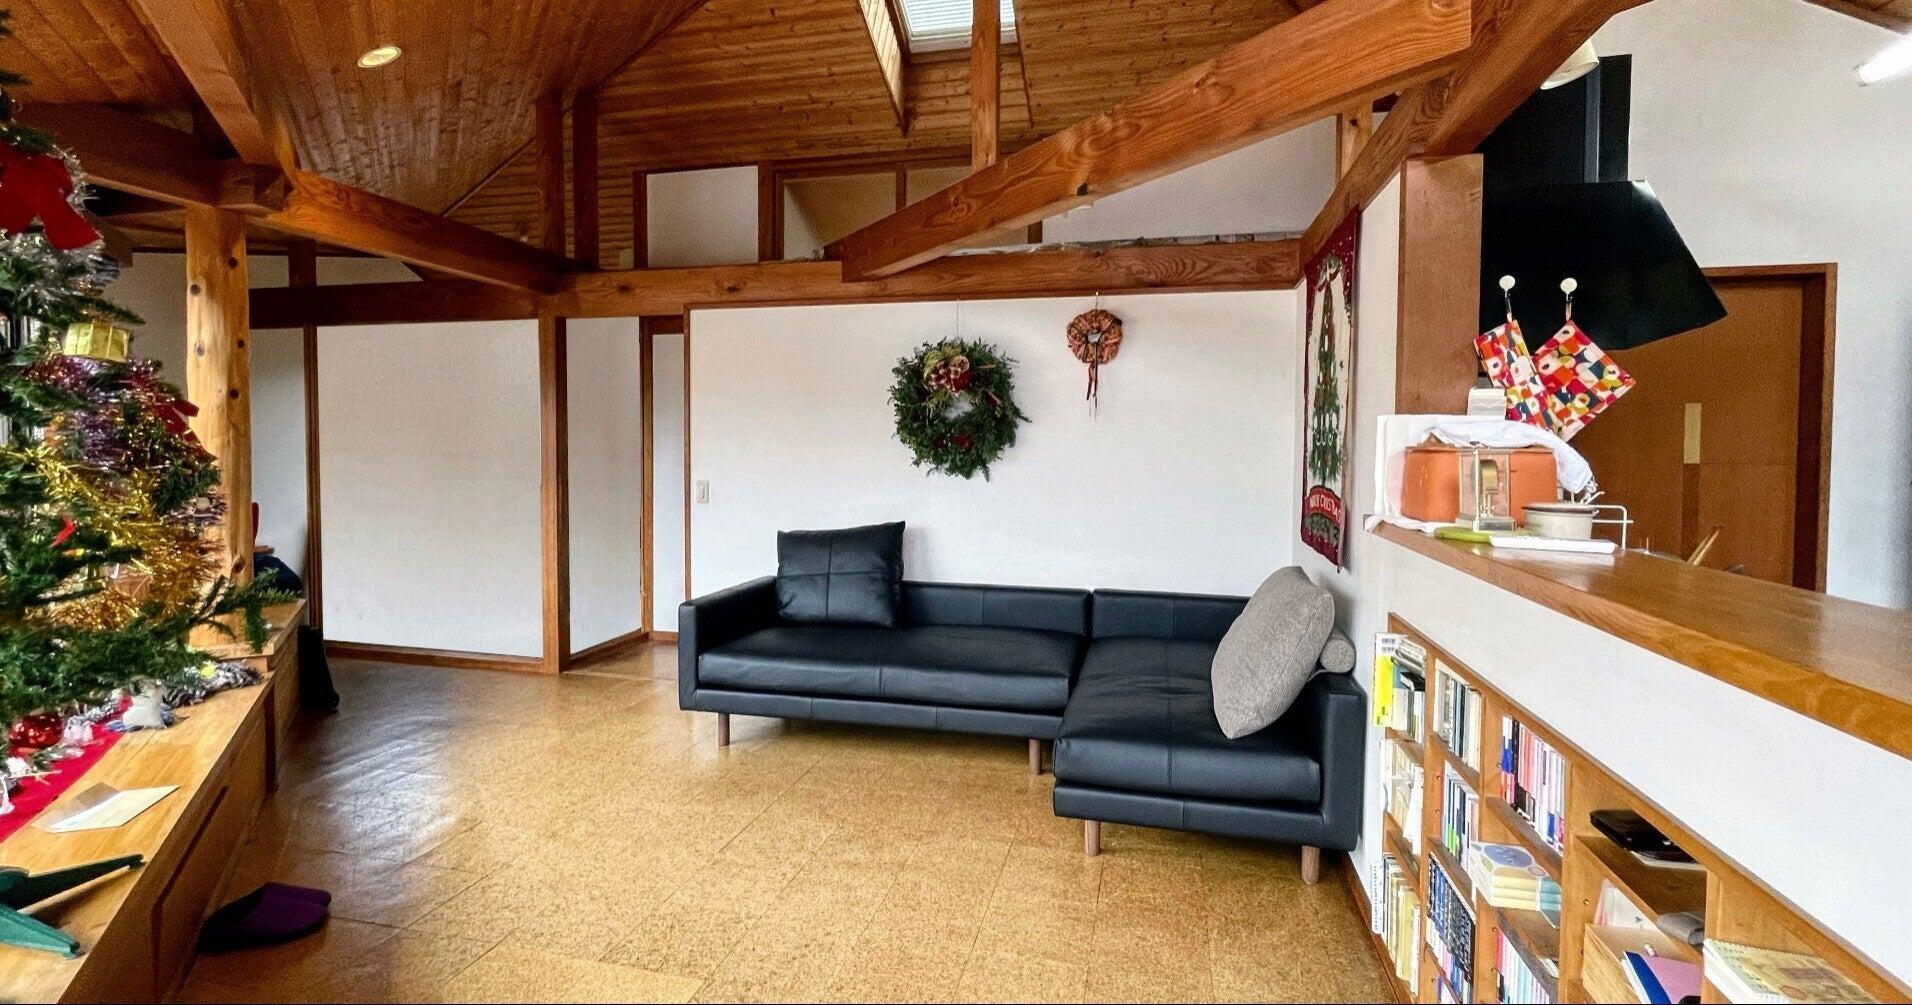 ソファの適正なサイズは、部屋の容積のバランスも見て決める